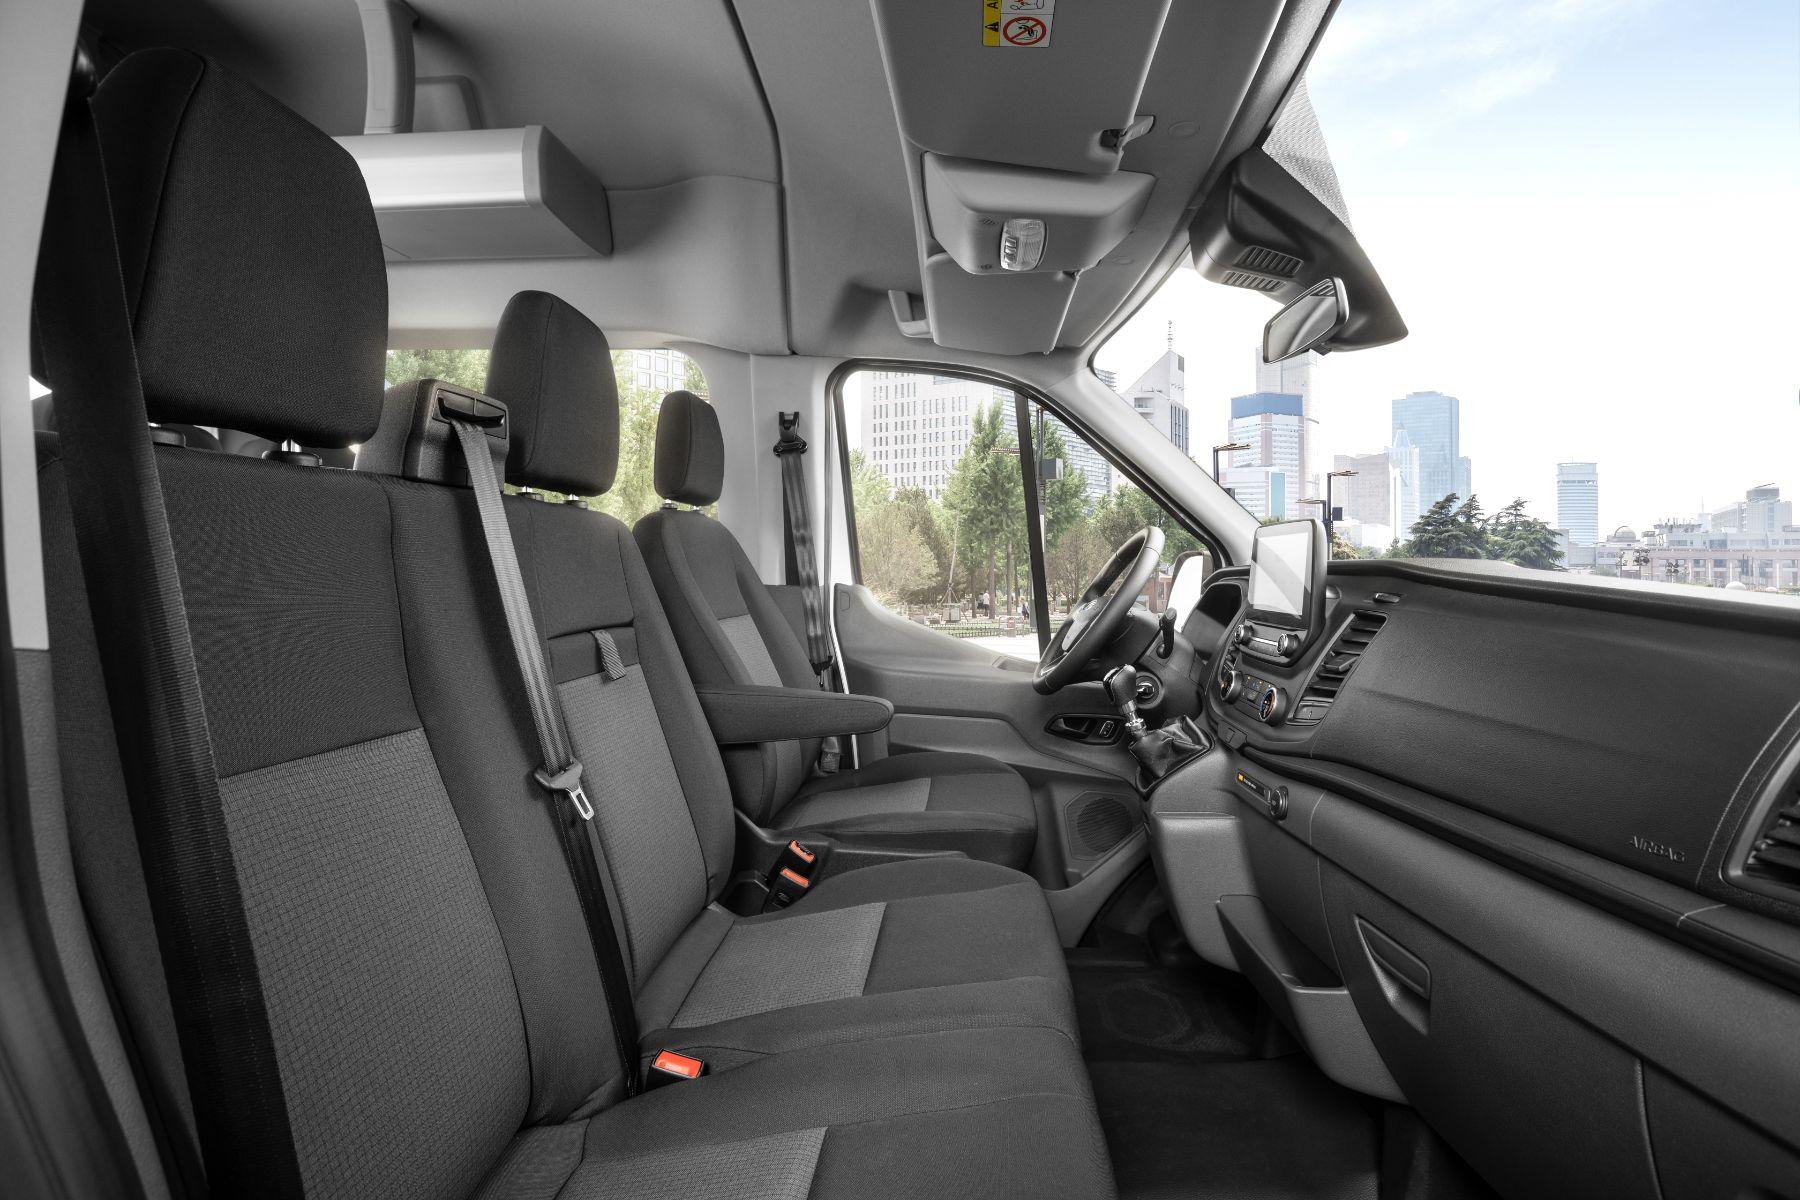 ford transit painel interior visto do lado do passageiro